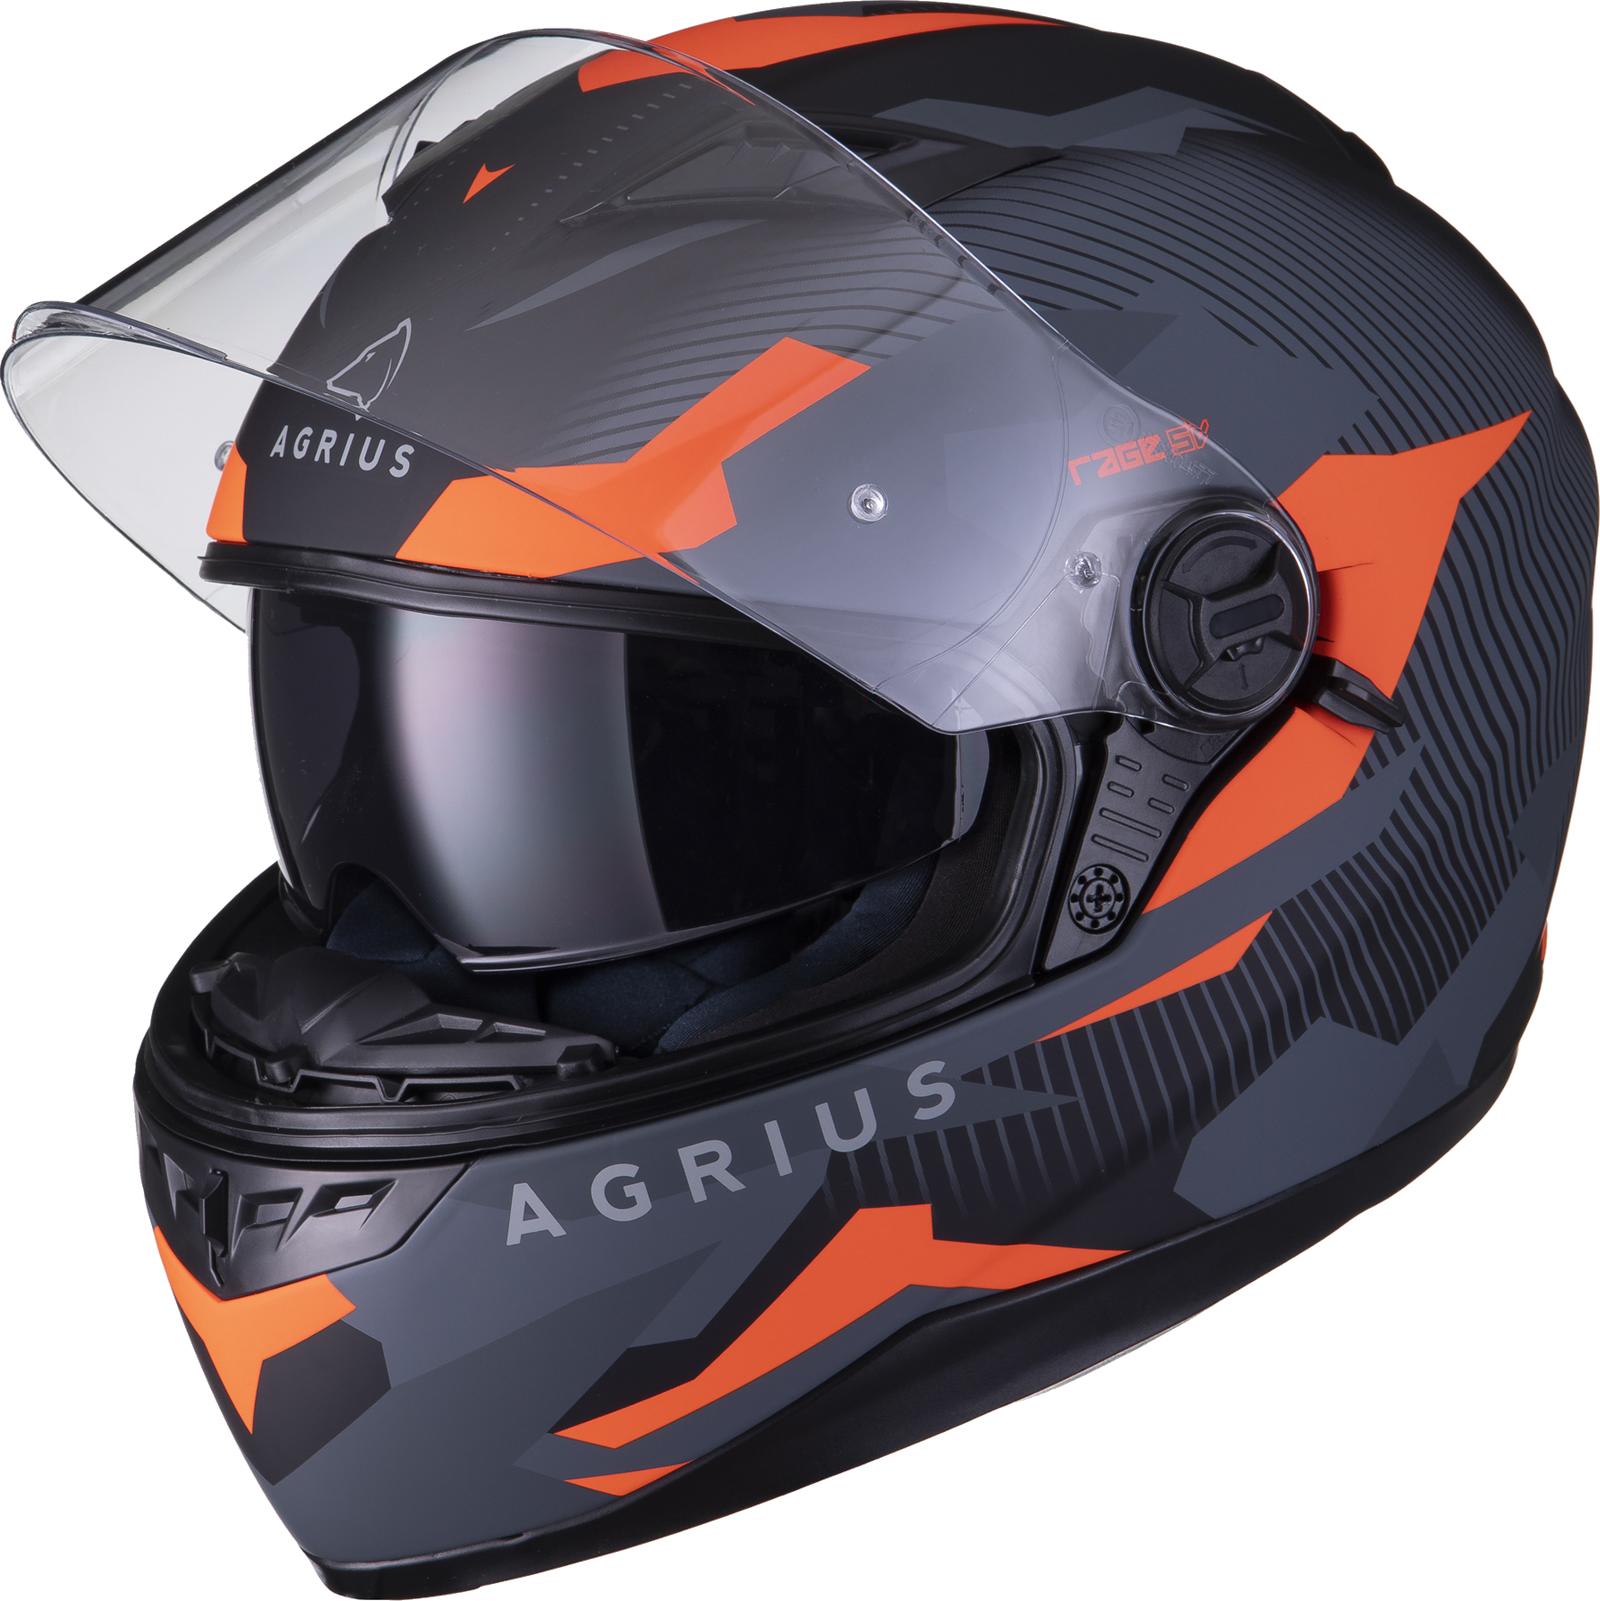 Agrius-Rage-SV-Tracker-Full-Face-Motorcycle-Matt-Helmet-bike-Road-Bike-Scooter thumbnail 26